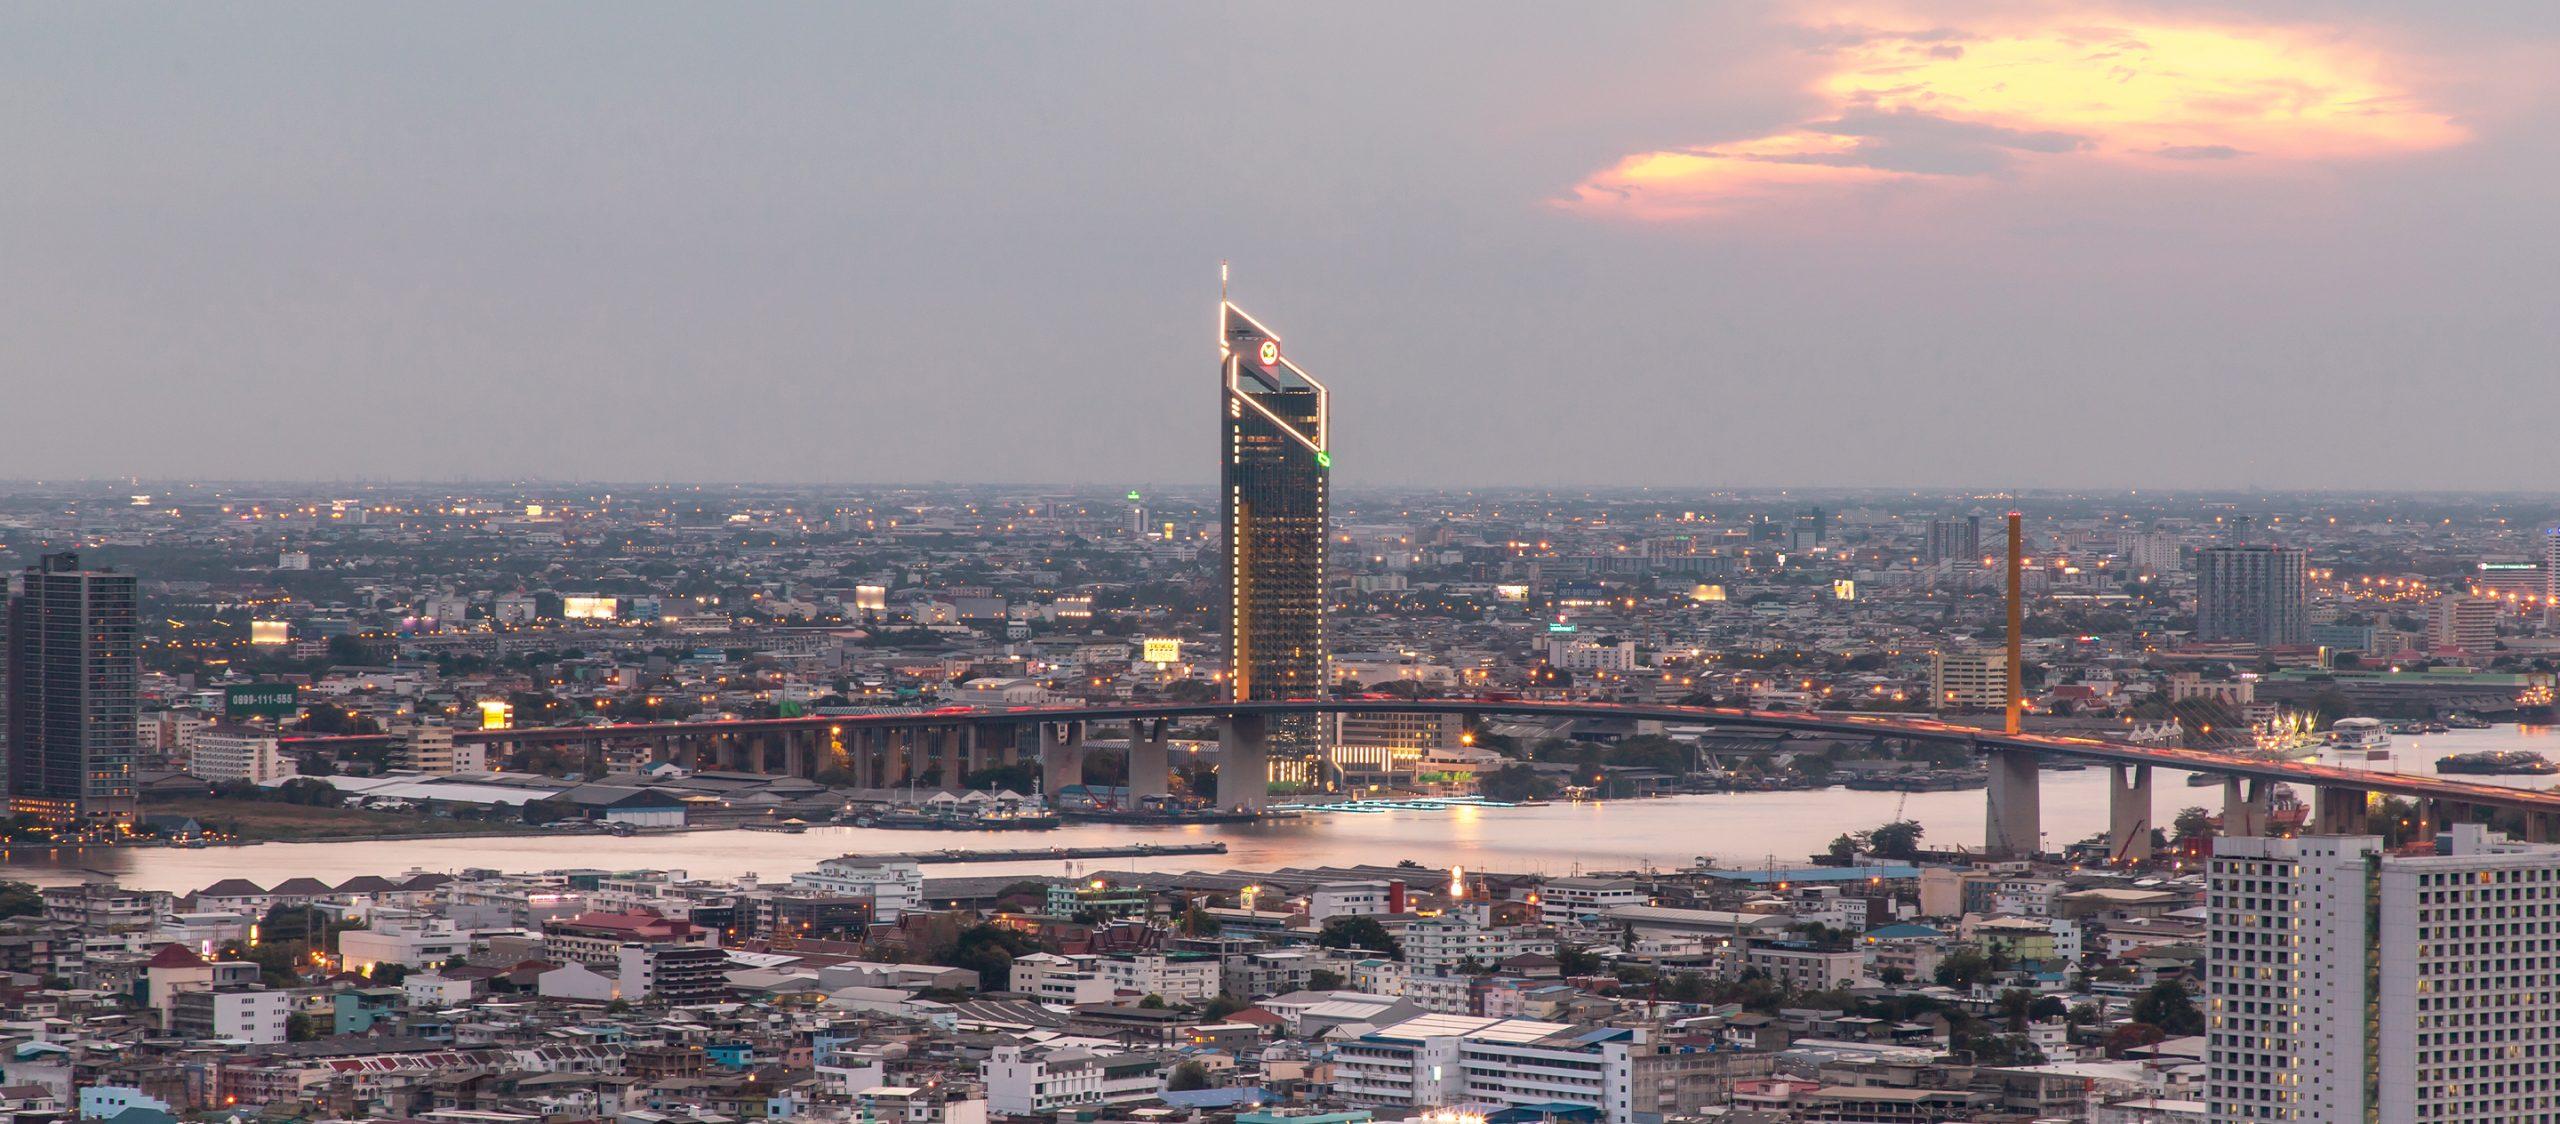 Bank in Bangkok หลักฐานการสร้างเมืองที่กำลังหายไปและโอกาสสร้างชีวิตใหม่ในพื้นที่เดิม